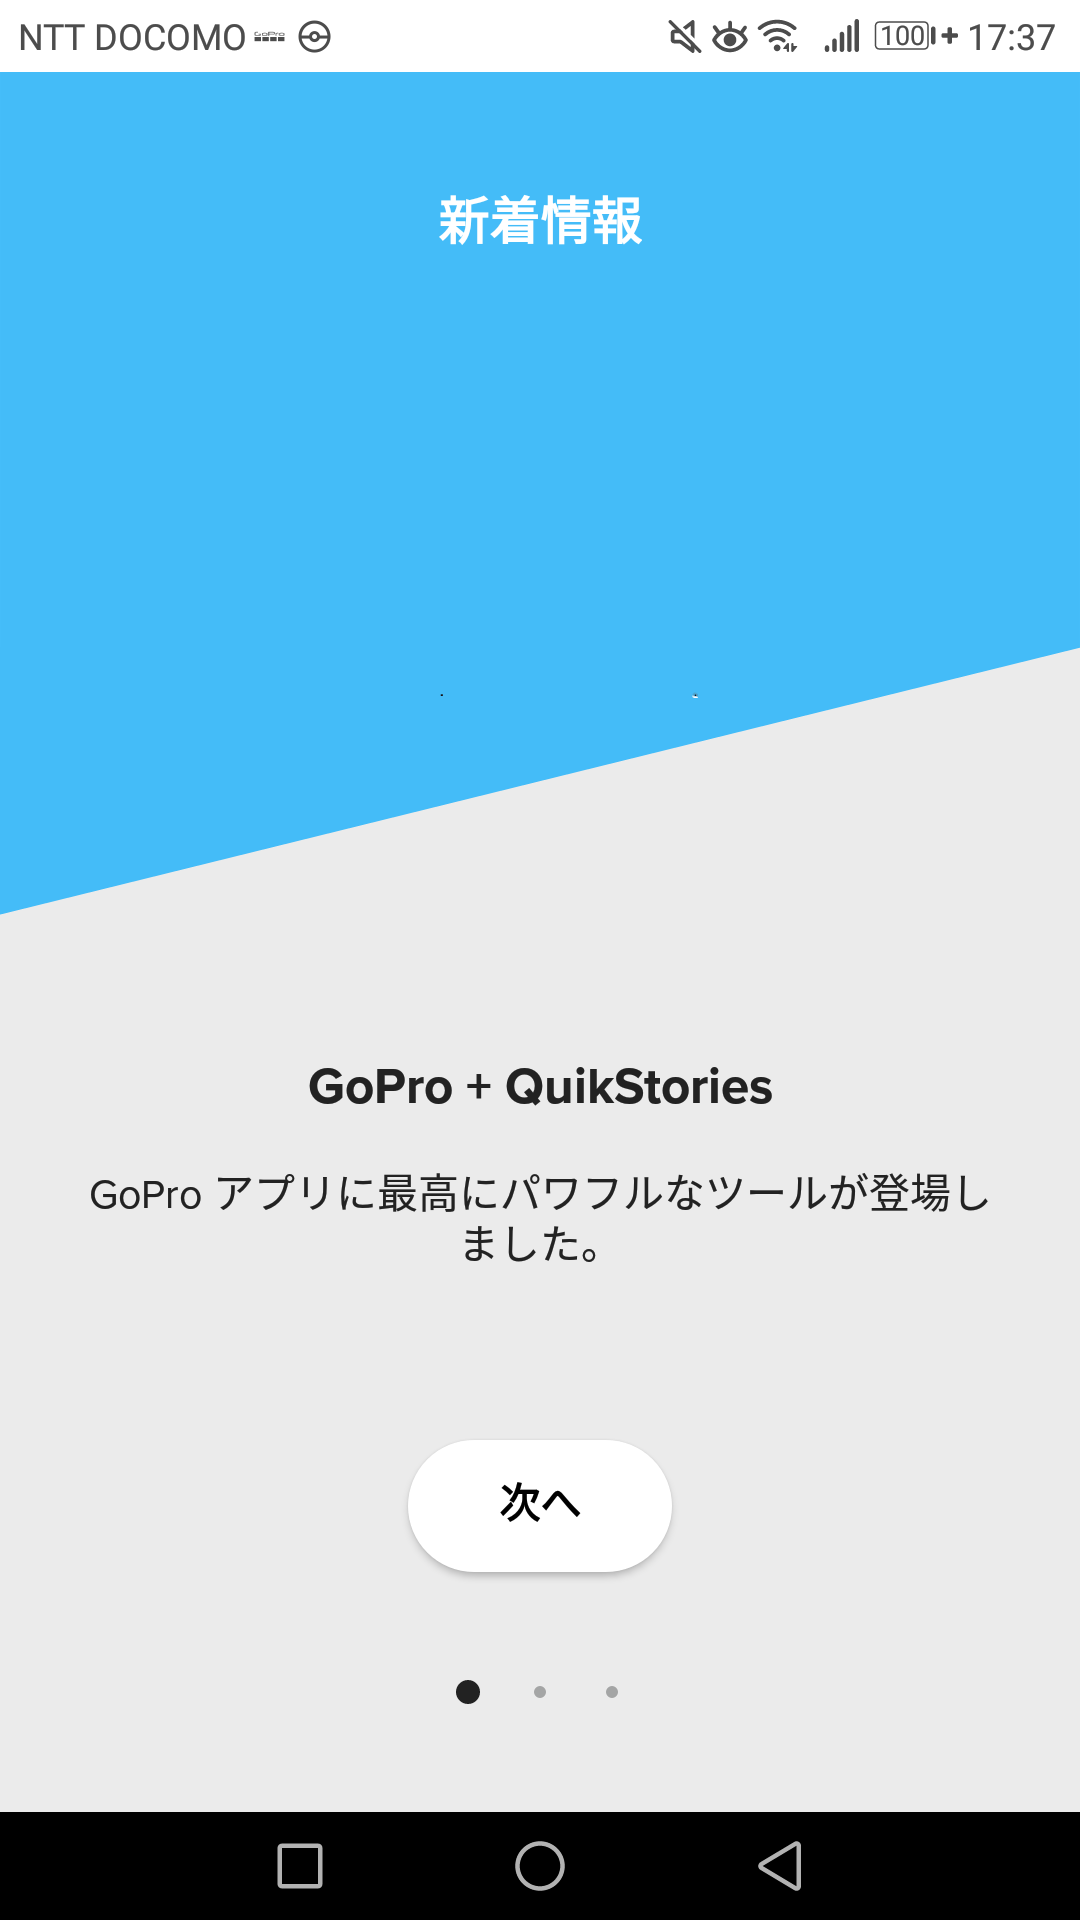 Quik Stories